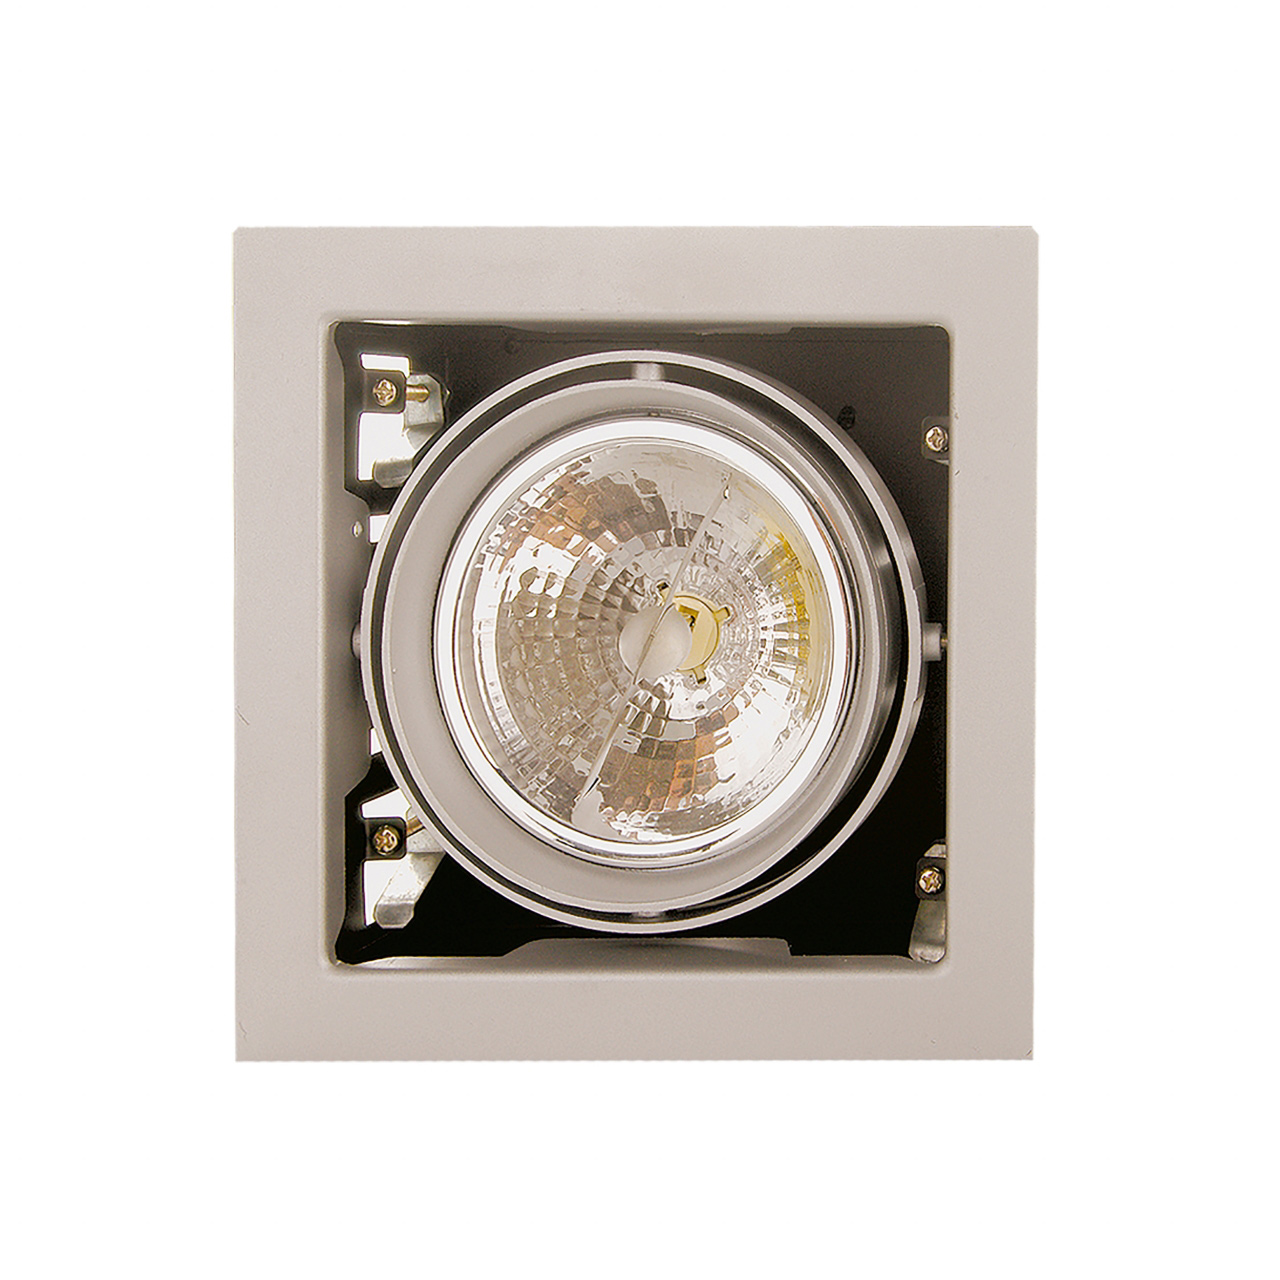 Светильник Cardano 111Х1 титан Lightstar 214117